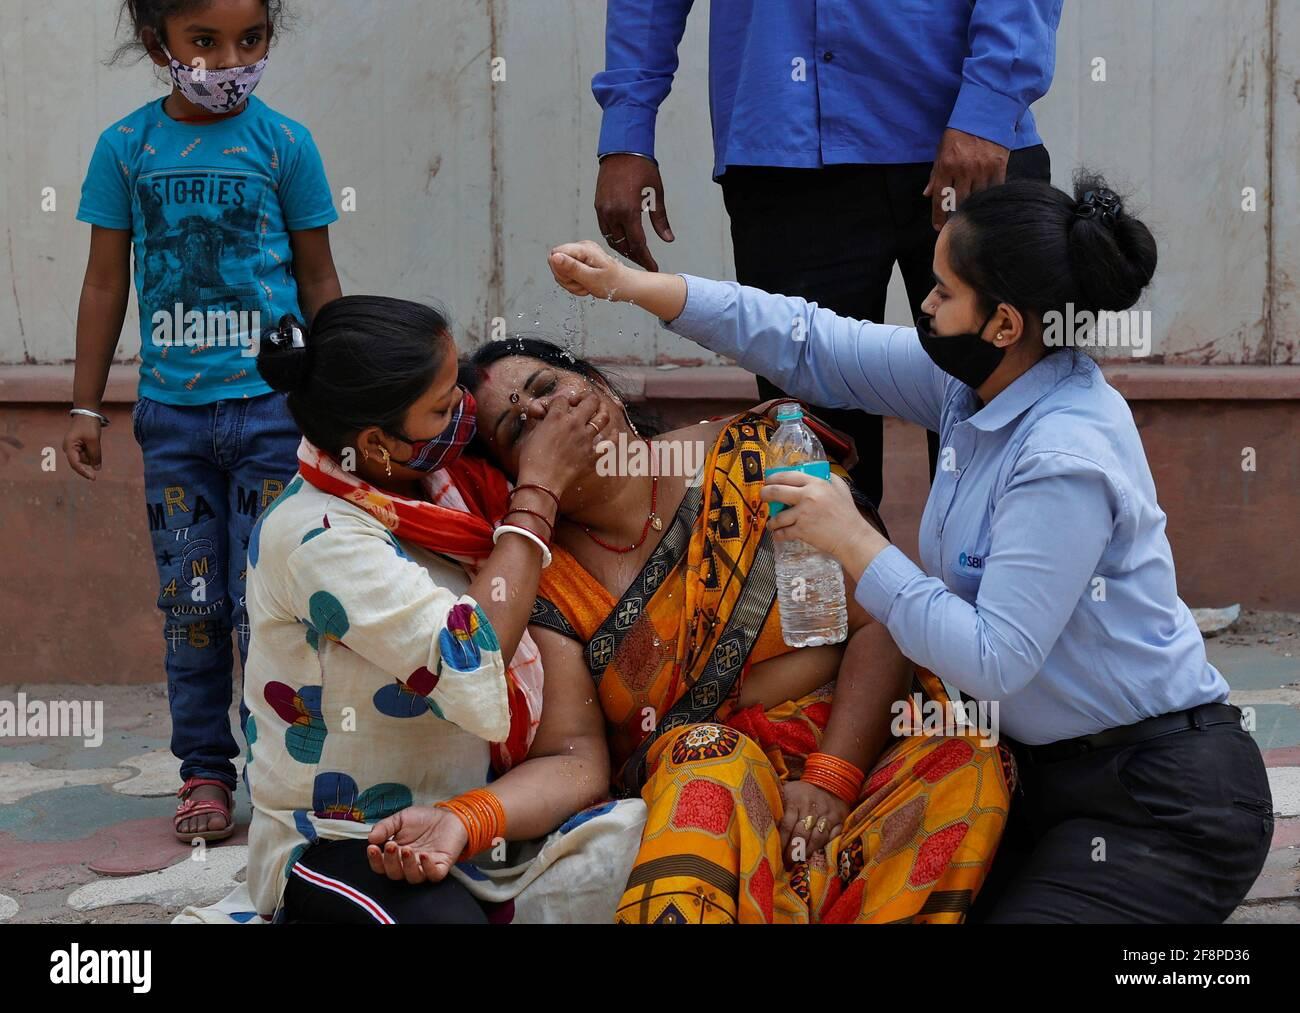 Una mujer se consuela después de que su marido muriera debido a la enfermedad del coronavirus (COVID-19) fuera de un depósito de un hospital COVID-19 en Nueva Delhi, India, el 15 de abril de 2021. REUTERS/Siddiqui danés Foto de stock